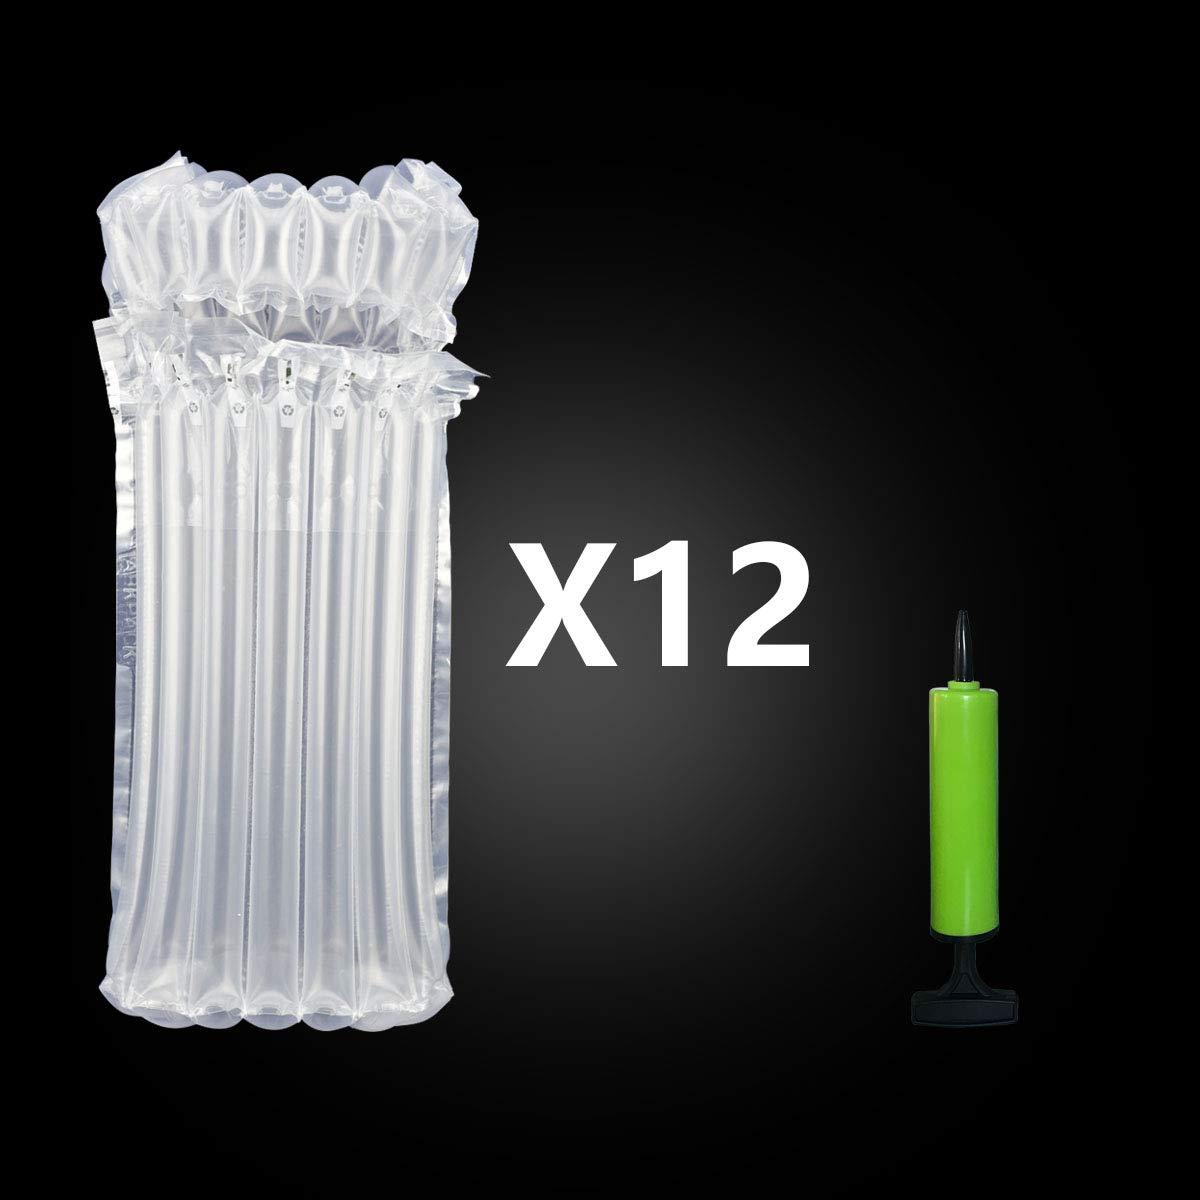 12 pezzi AirBaker Custodia Gonfiabile per Bottiglie di Vino Busta da Trasporto Imballo di Protezione per Bottiglie Vetr viaggi aereo pompa inclusa